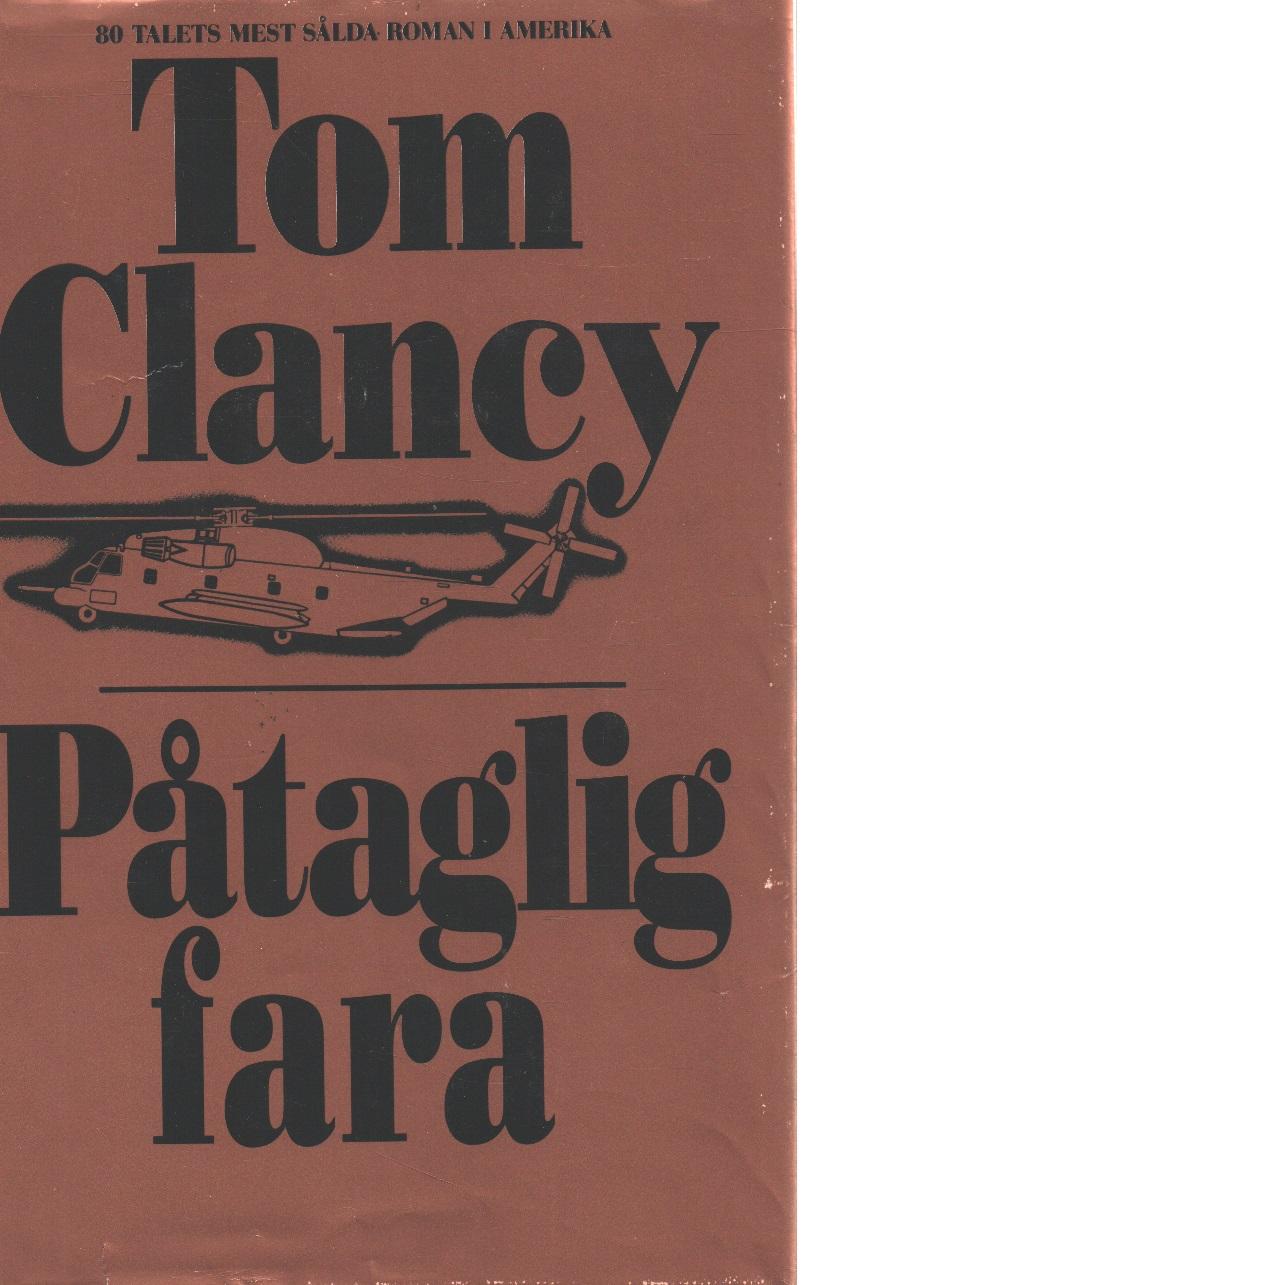 Påtaglig fara - Clancy, Tom